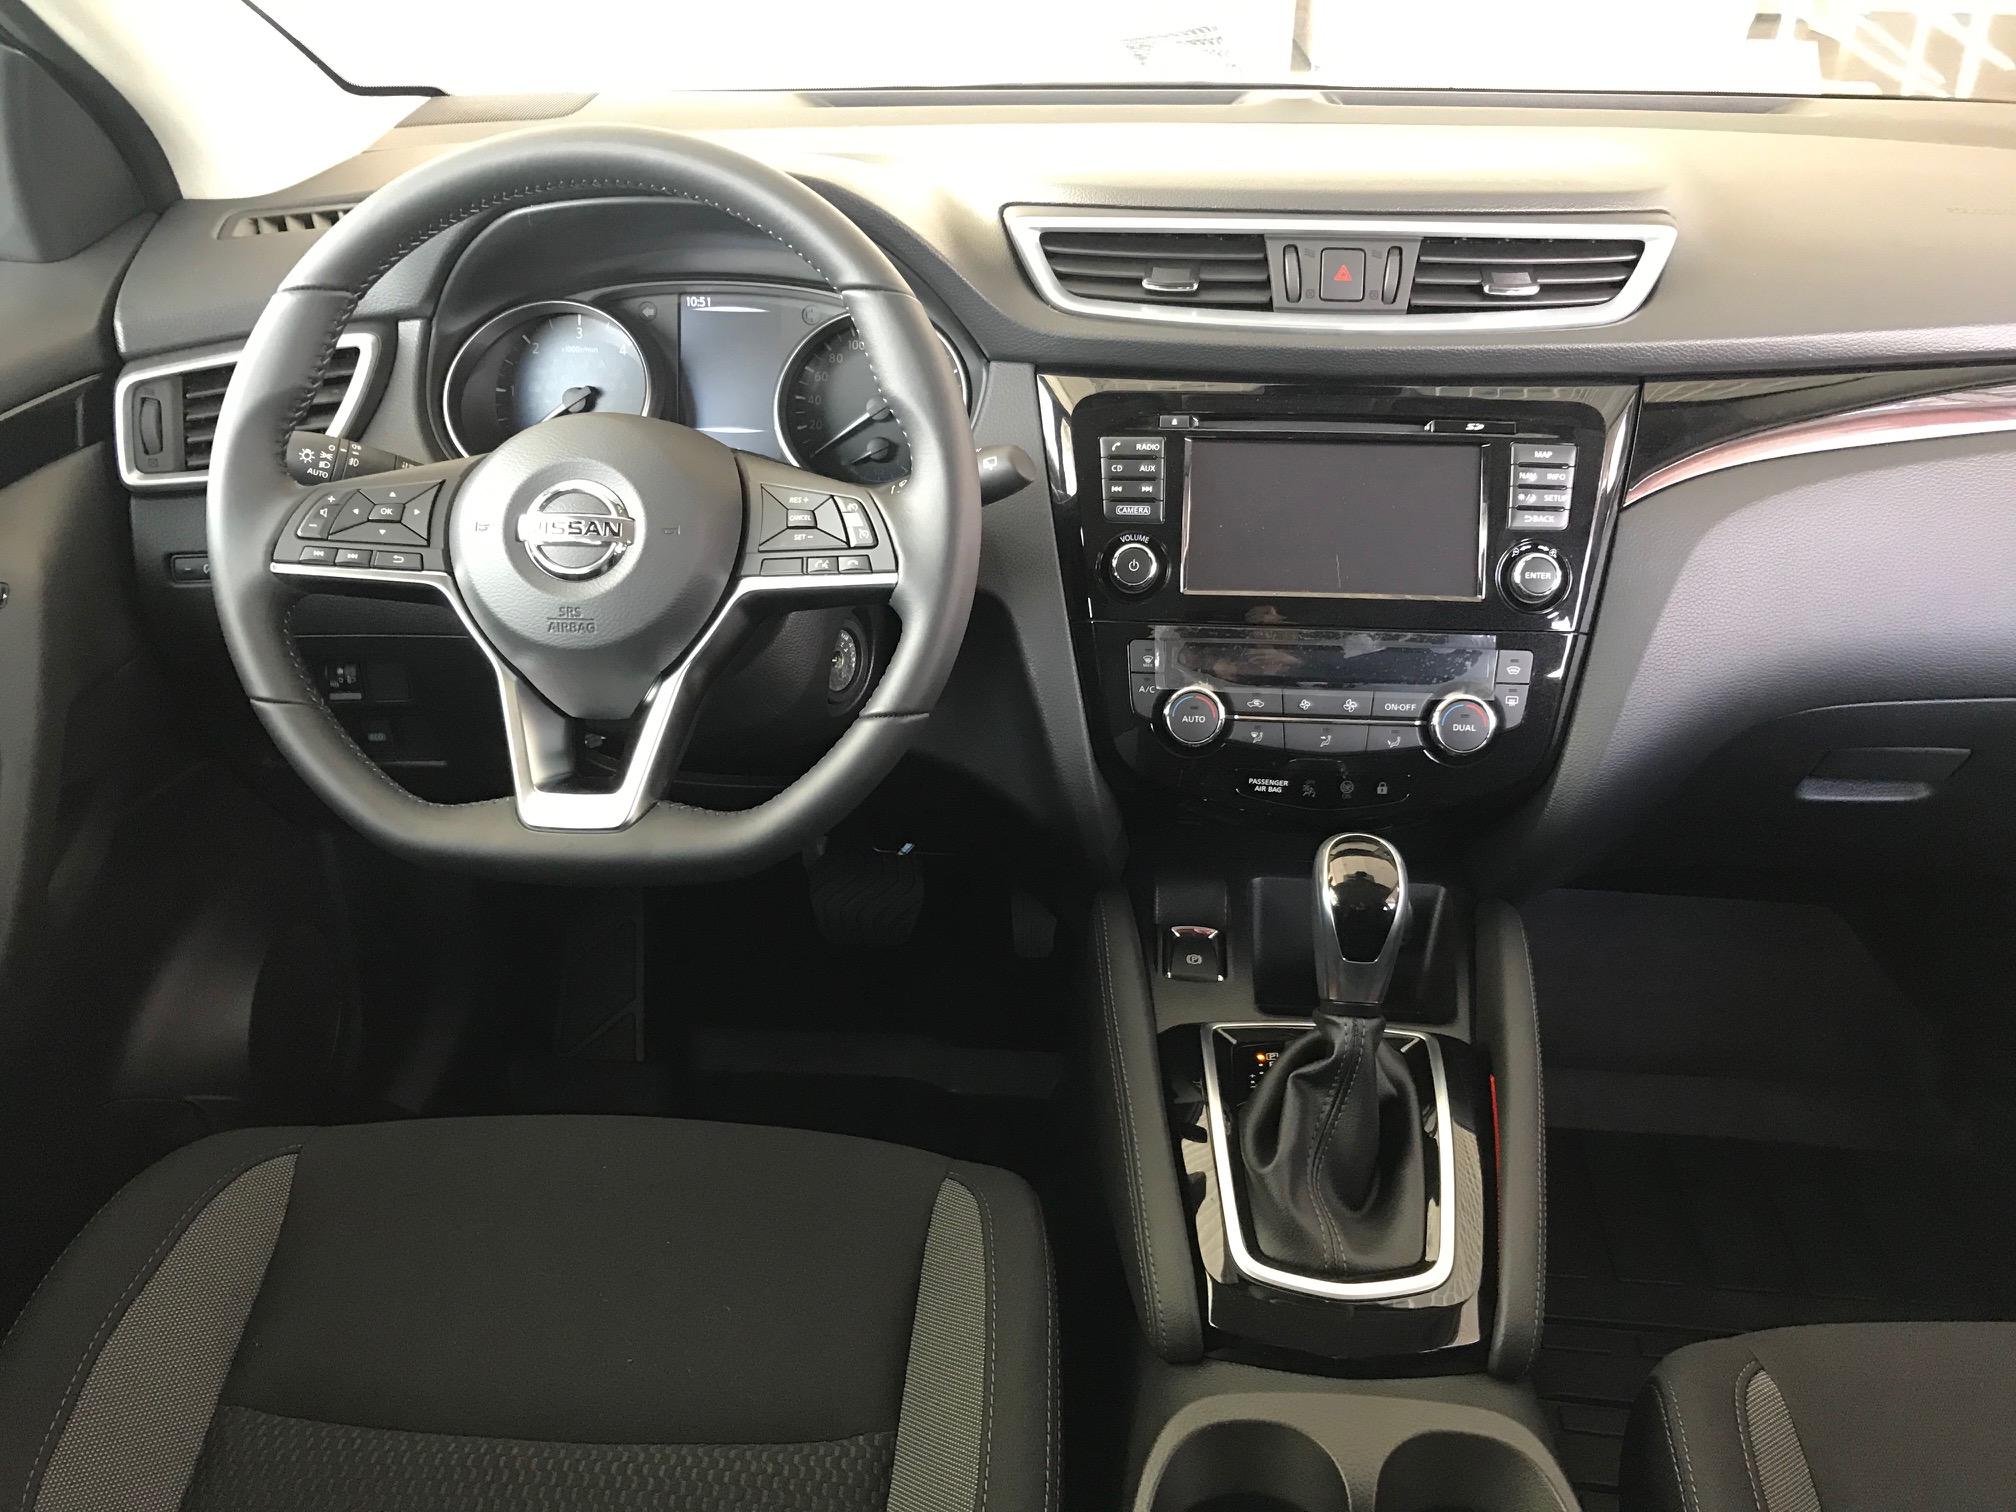 new_avto-1605260916.jpg